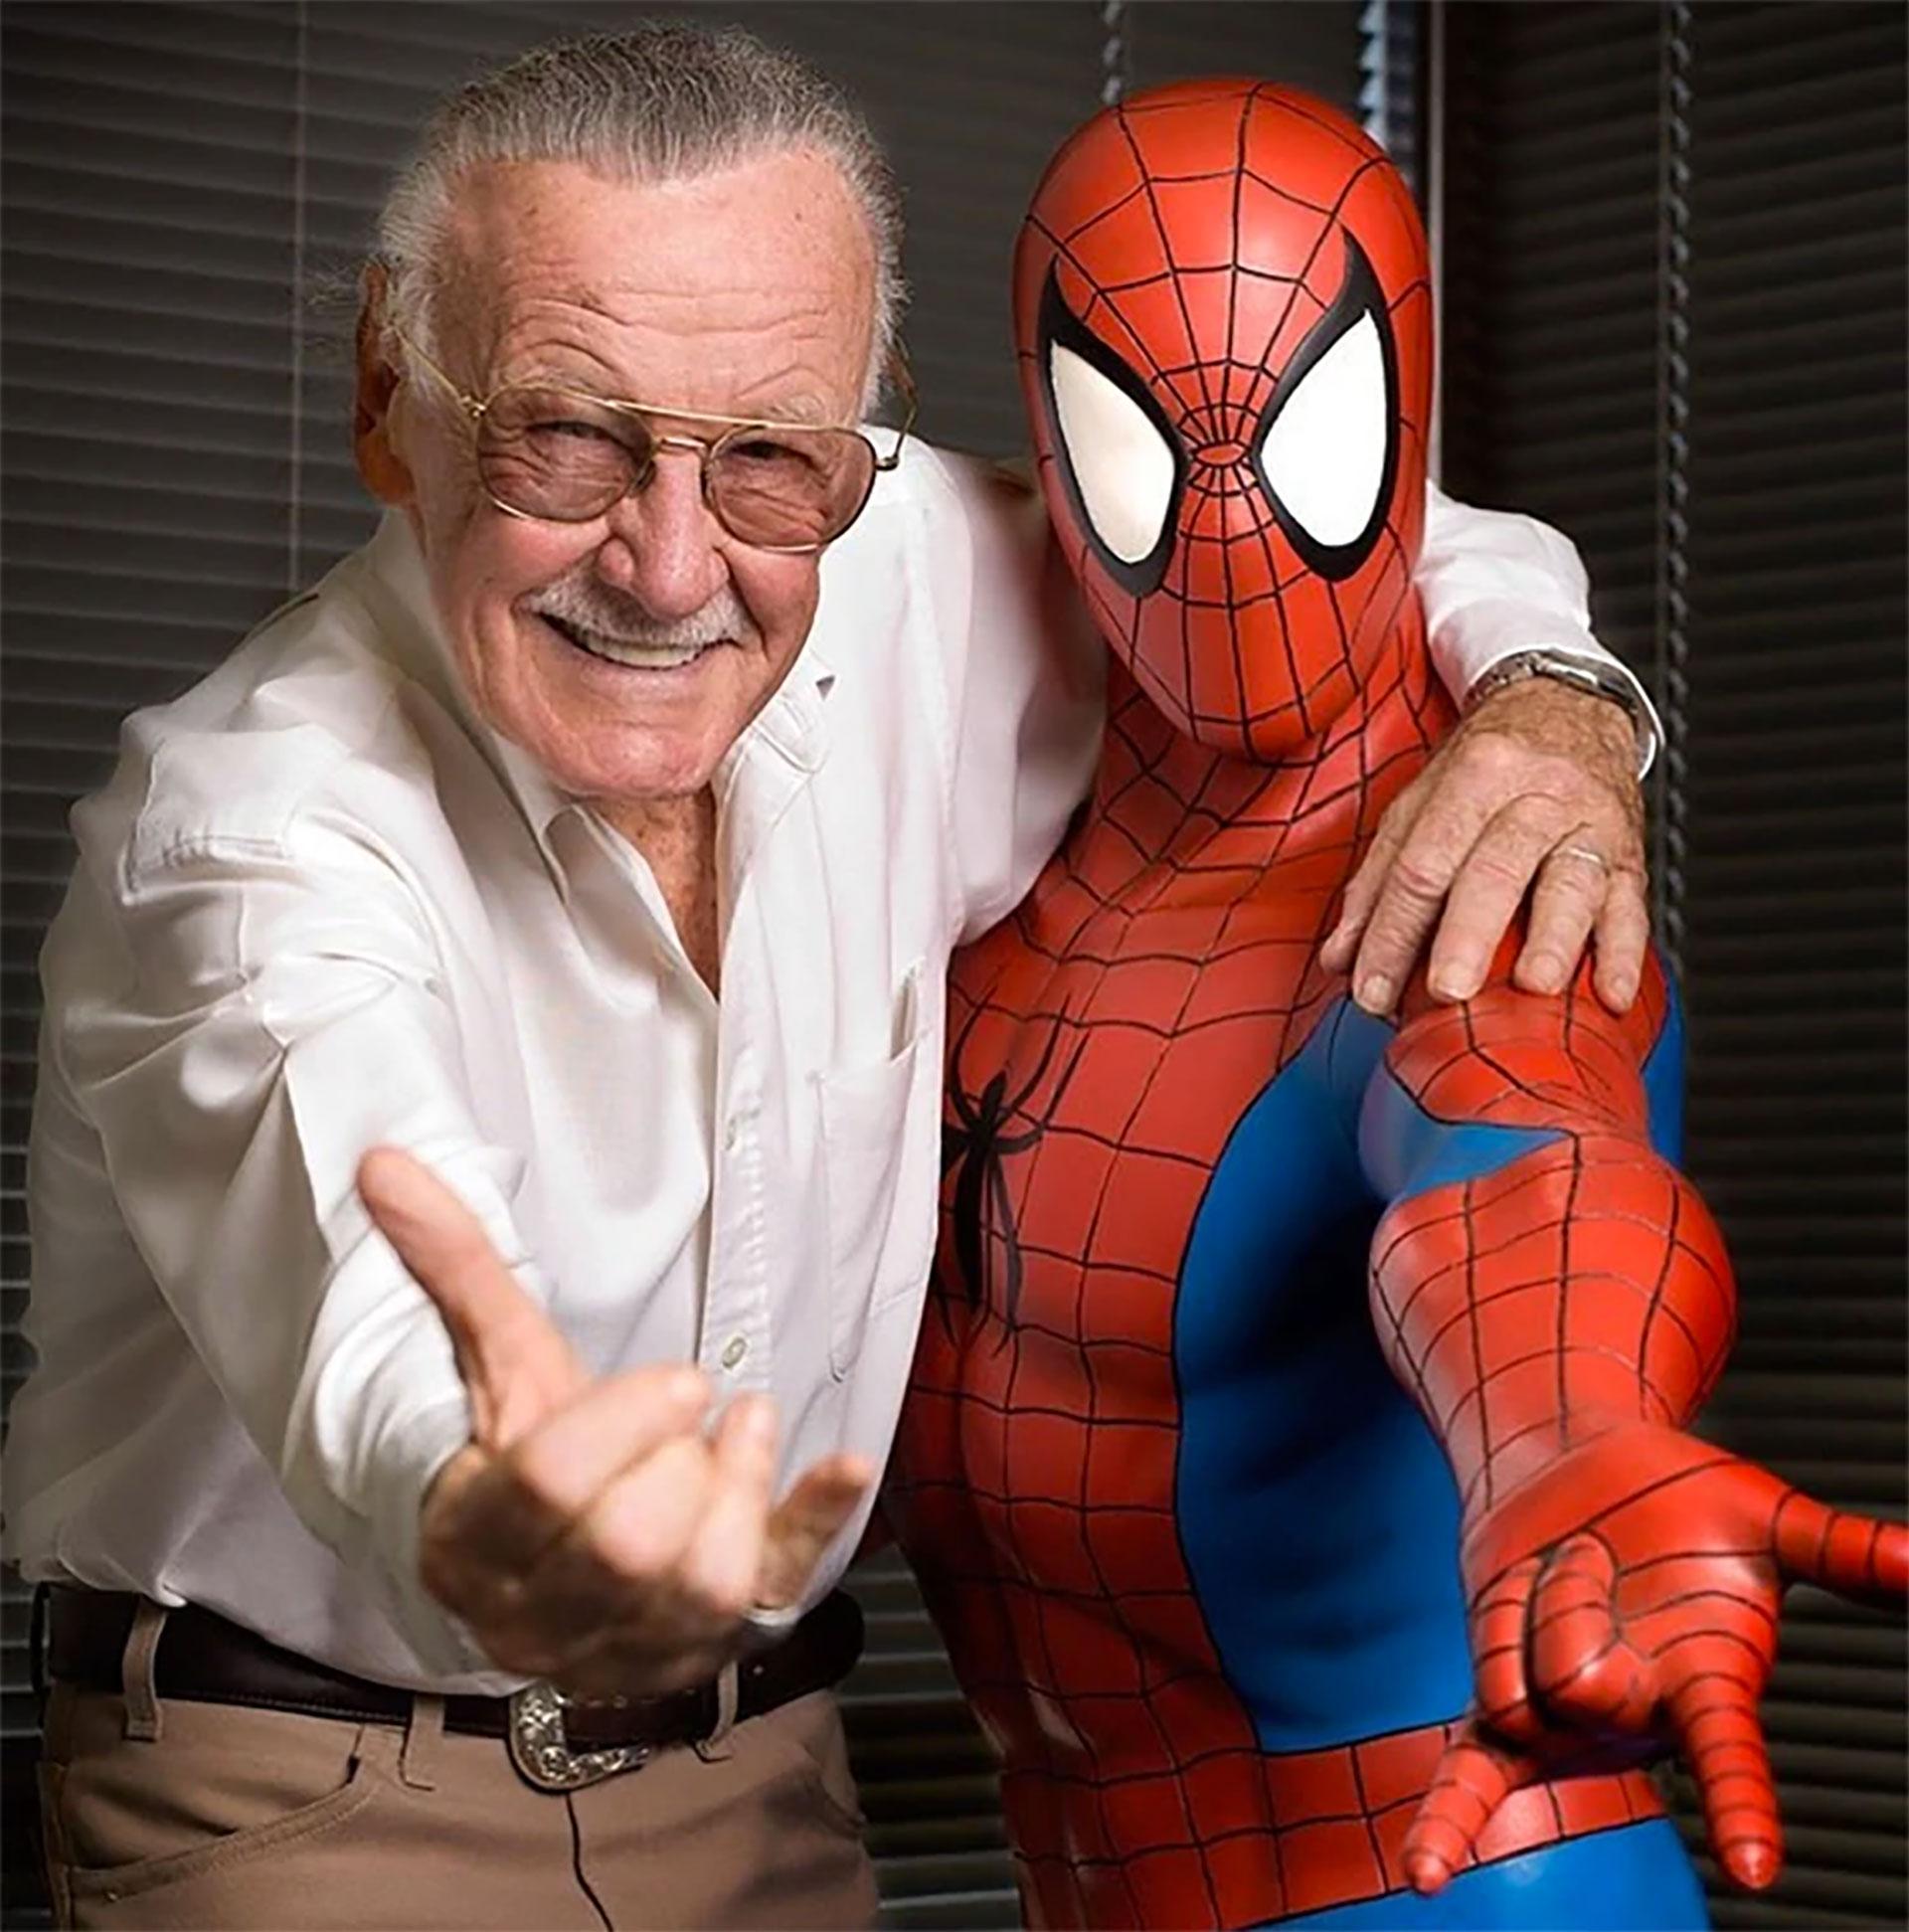 El escritor y editor falleció a los 95 años. Fue el creador de Spider Man, Hulk y Los 4 Fantásticos. (Foto: Instagram)